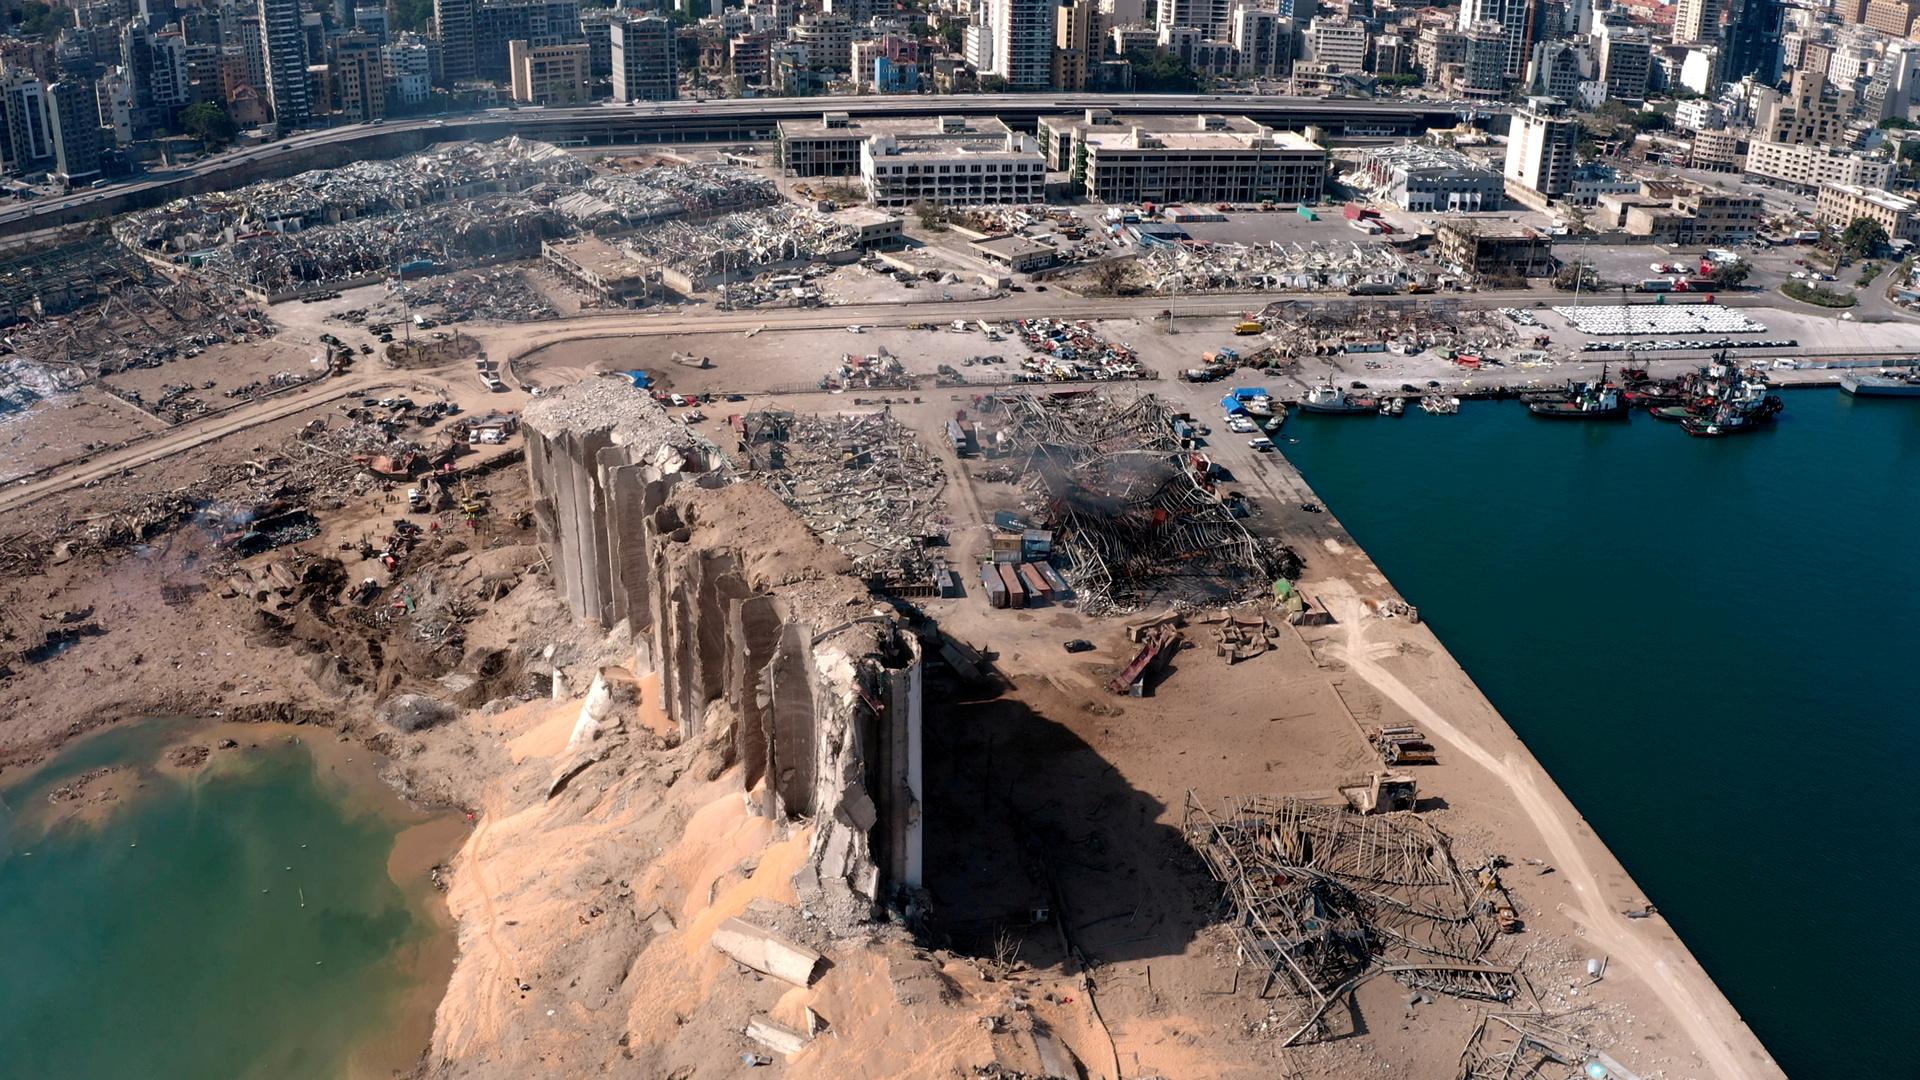 مرفأ بيروت الذي تعرض للانفجار في 4 أغسطس 2020